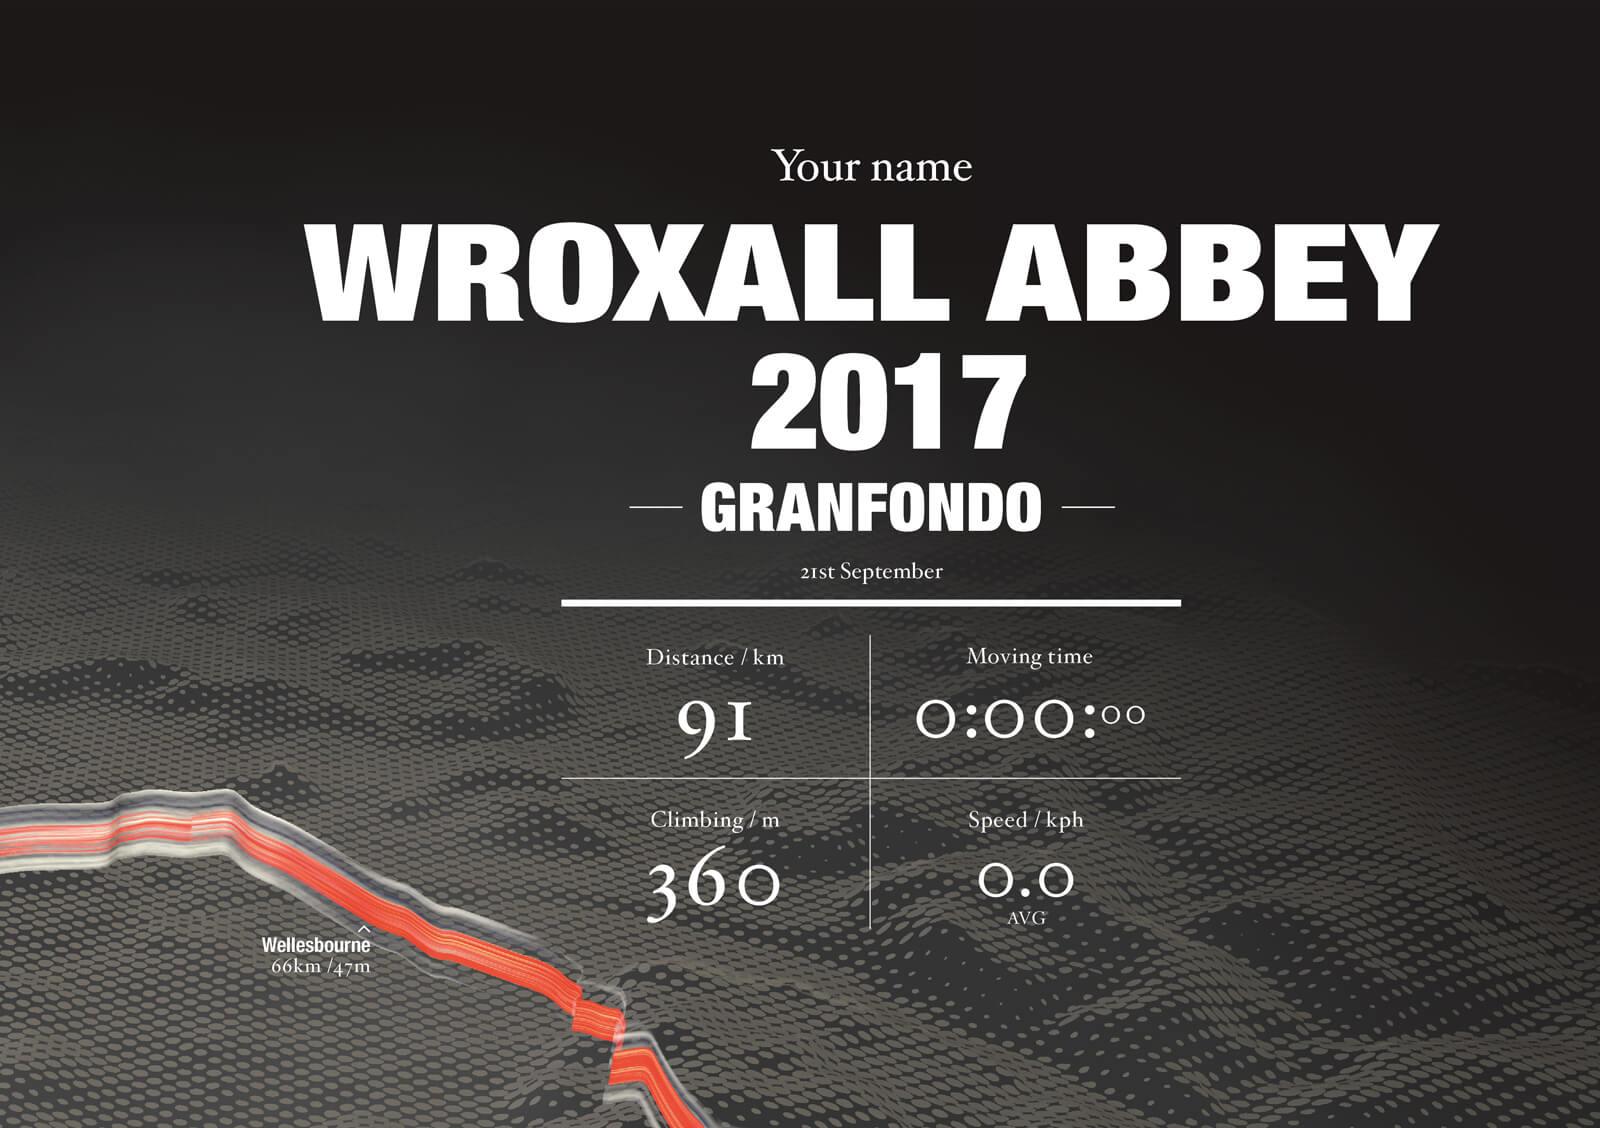 WROXALL_08.jpg